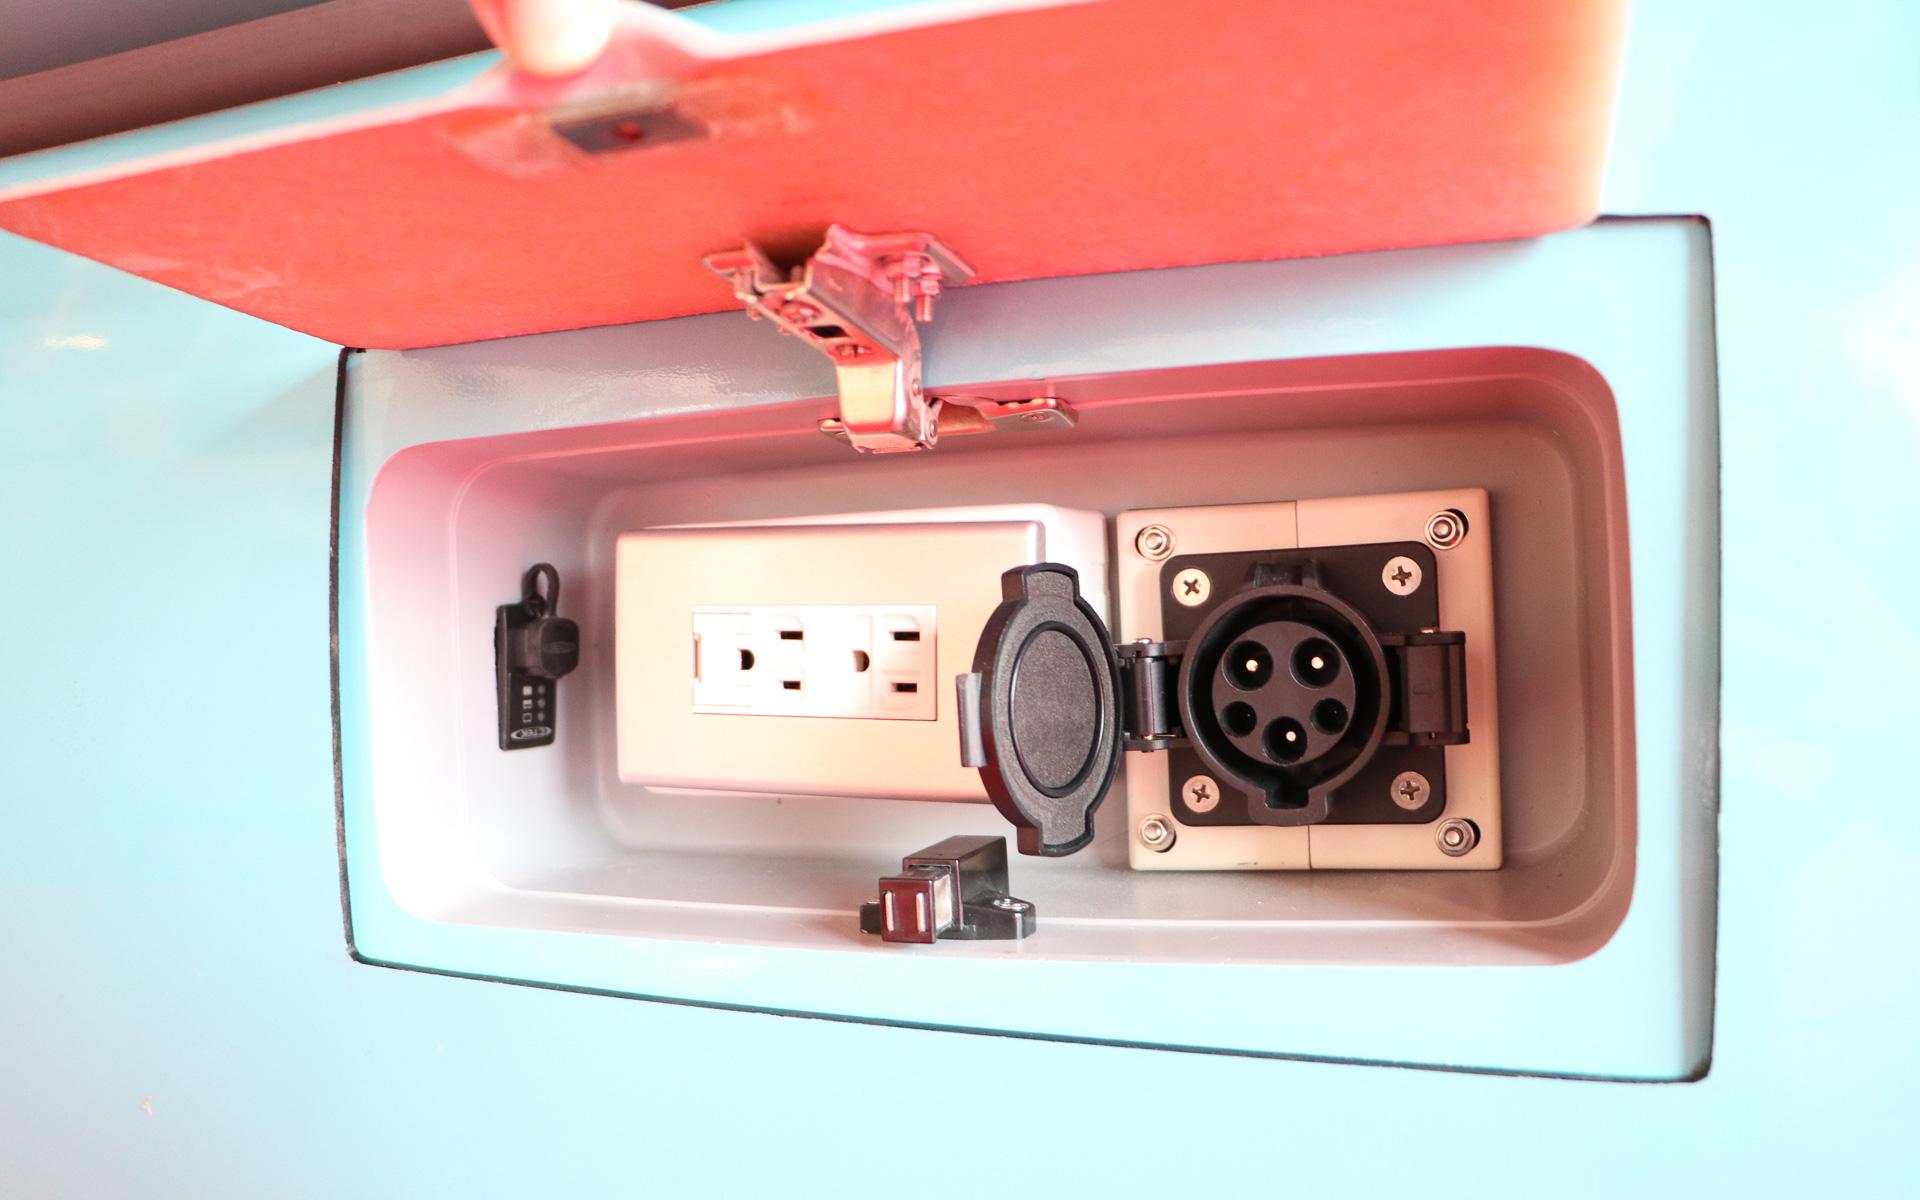 100V給電ポート(エレモ200のみ)と充電ポート